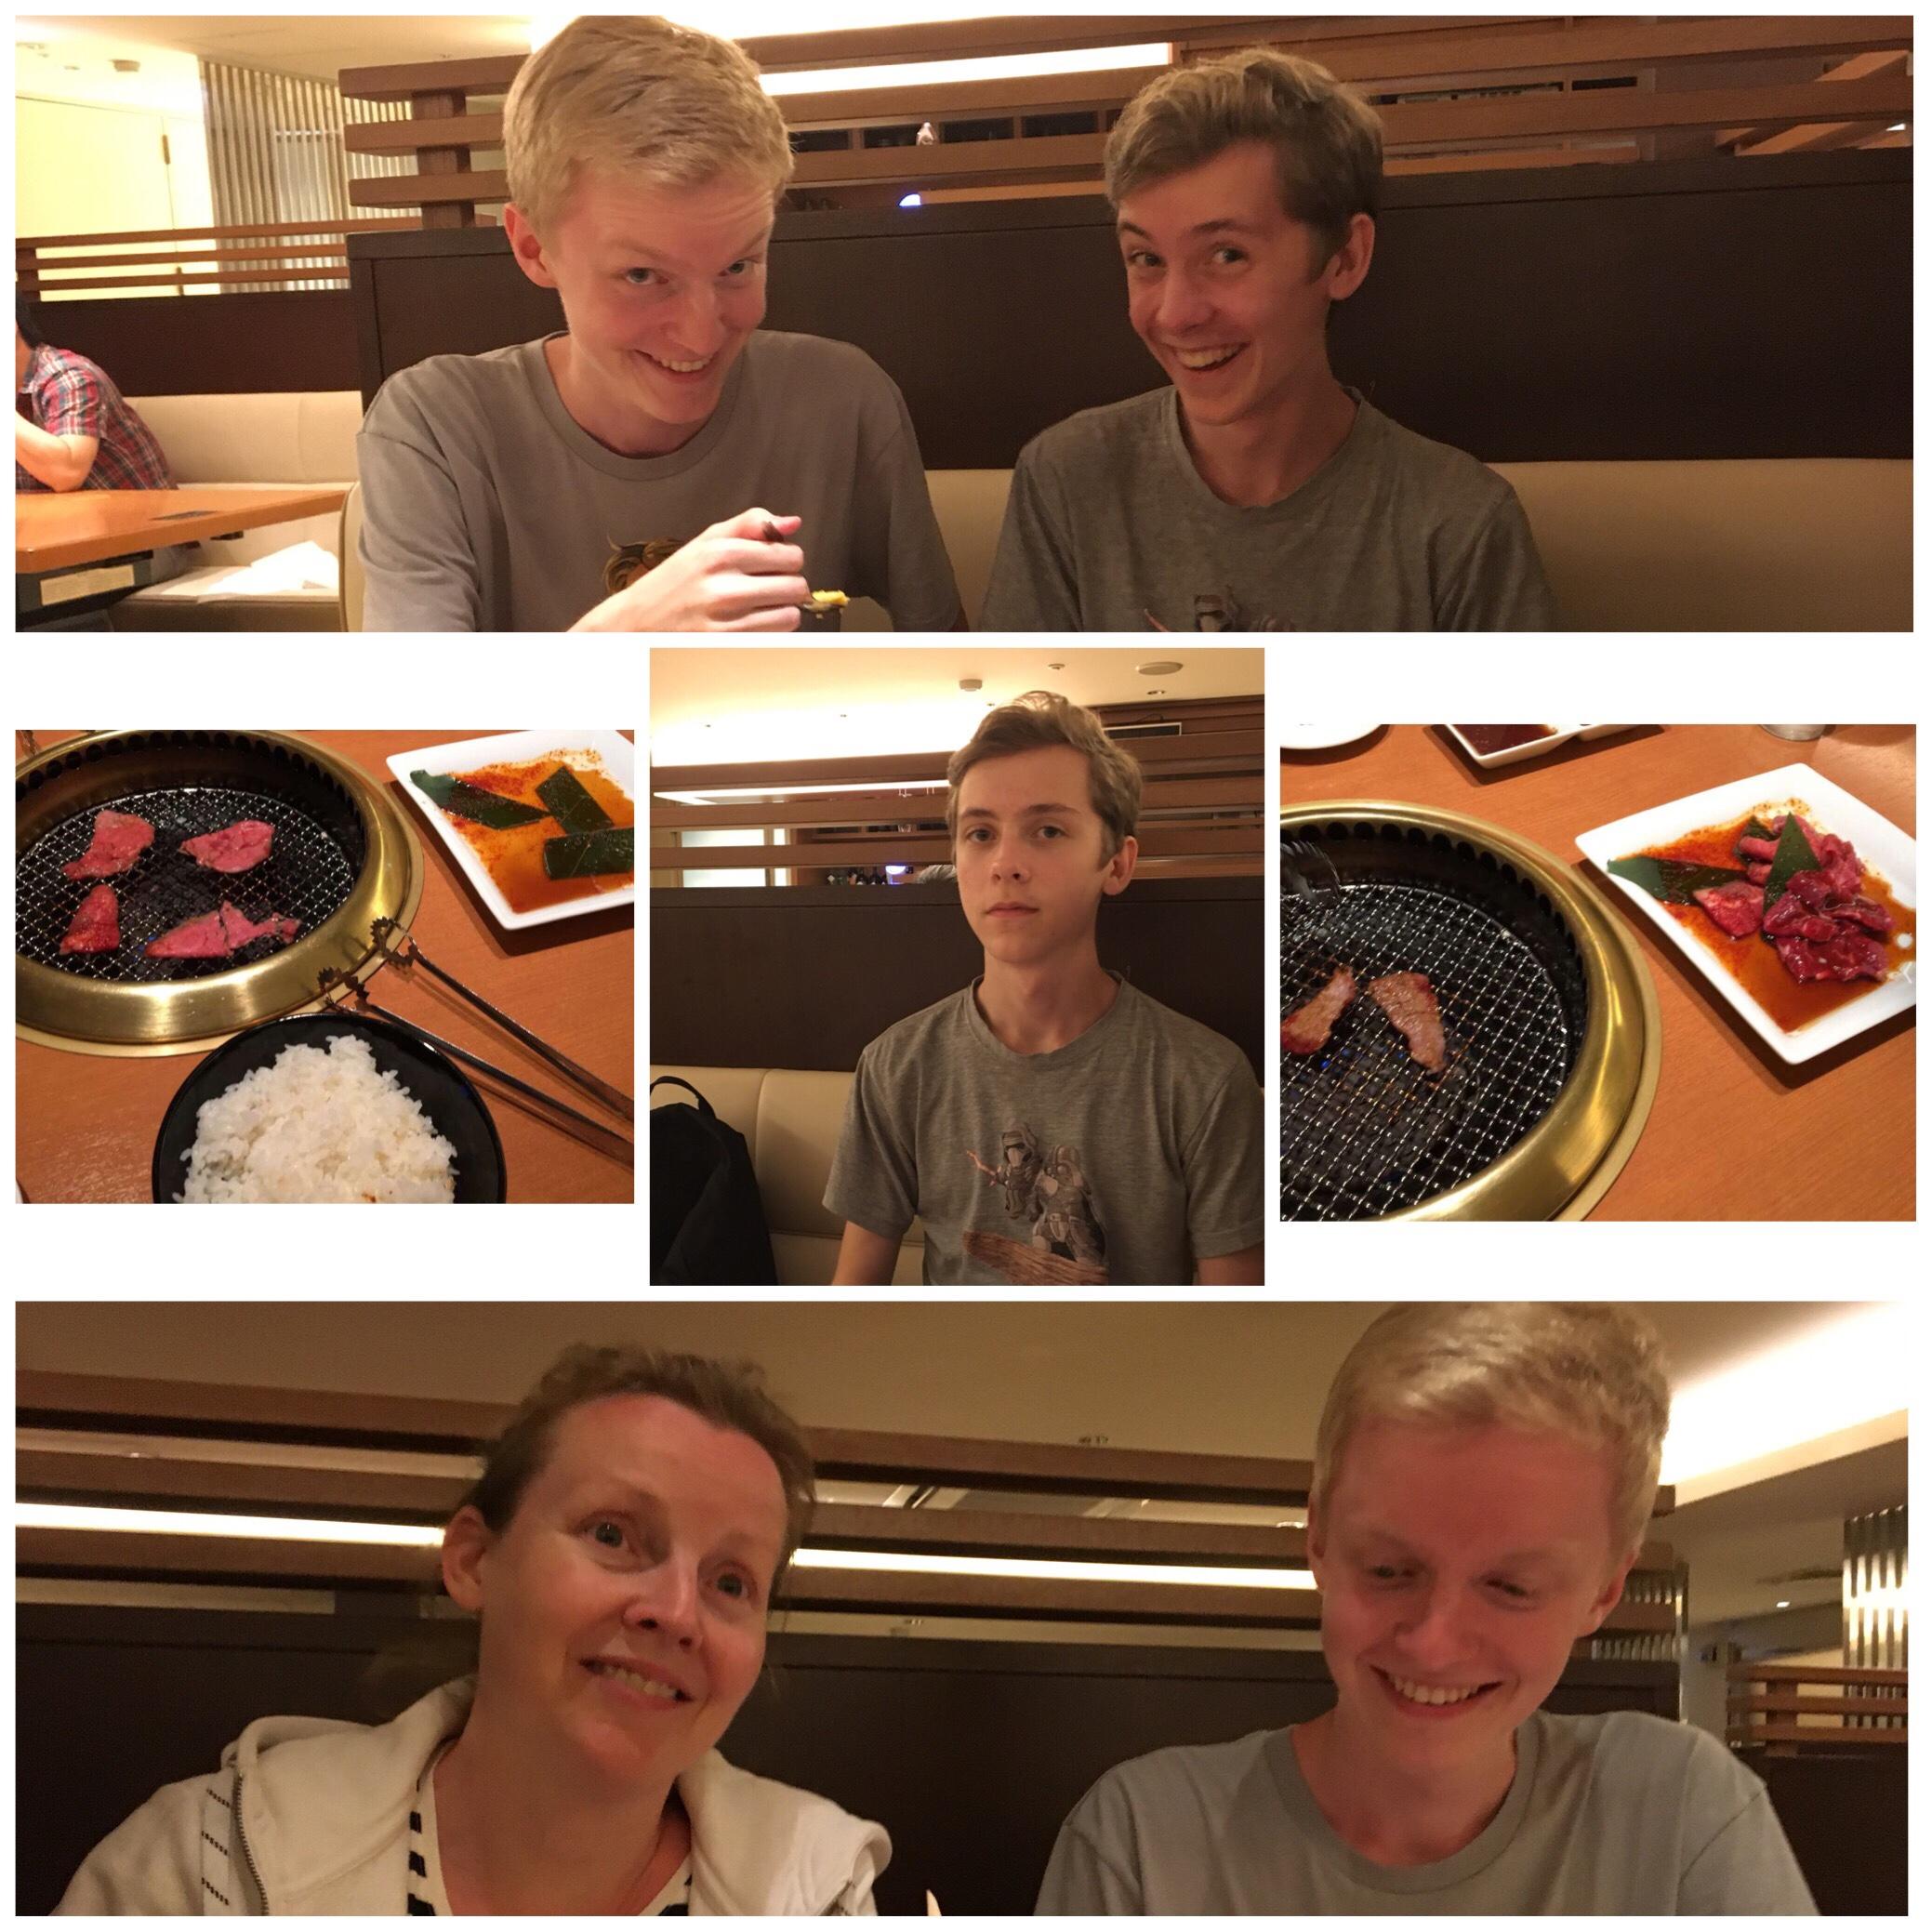 Ikväll åt vi på ett ställe där man själv får grilla sitt kött vid bordet.  Grabbarna tyckte det var både kul och gott. Själv beställde jag lite sallad  🙂 57714a87a3de4